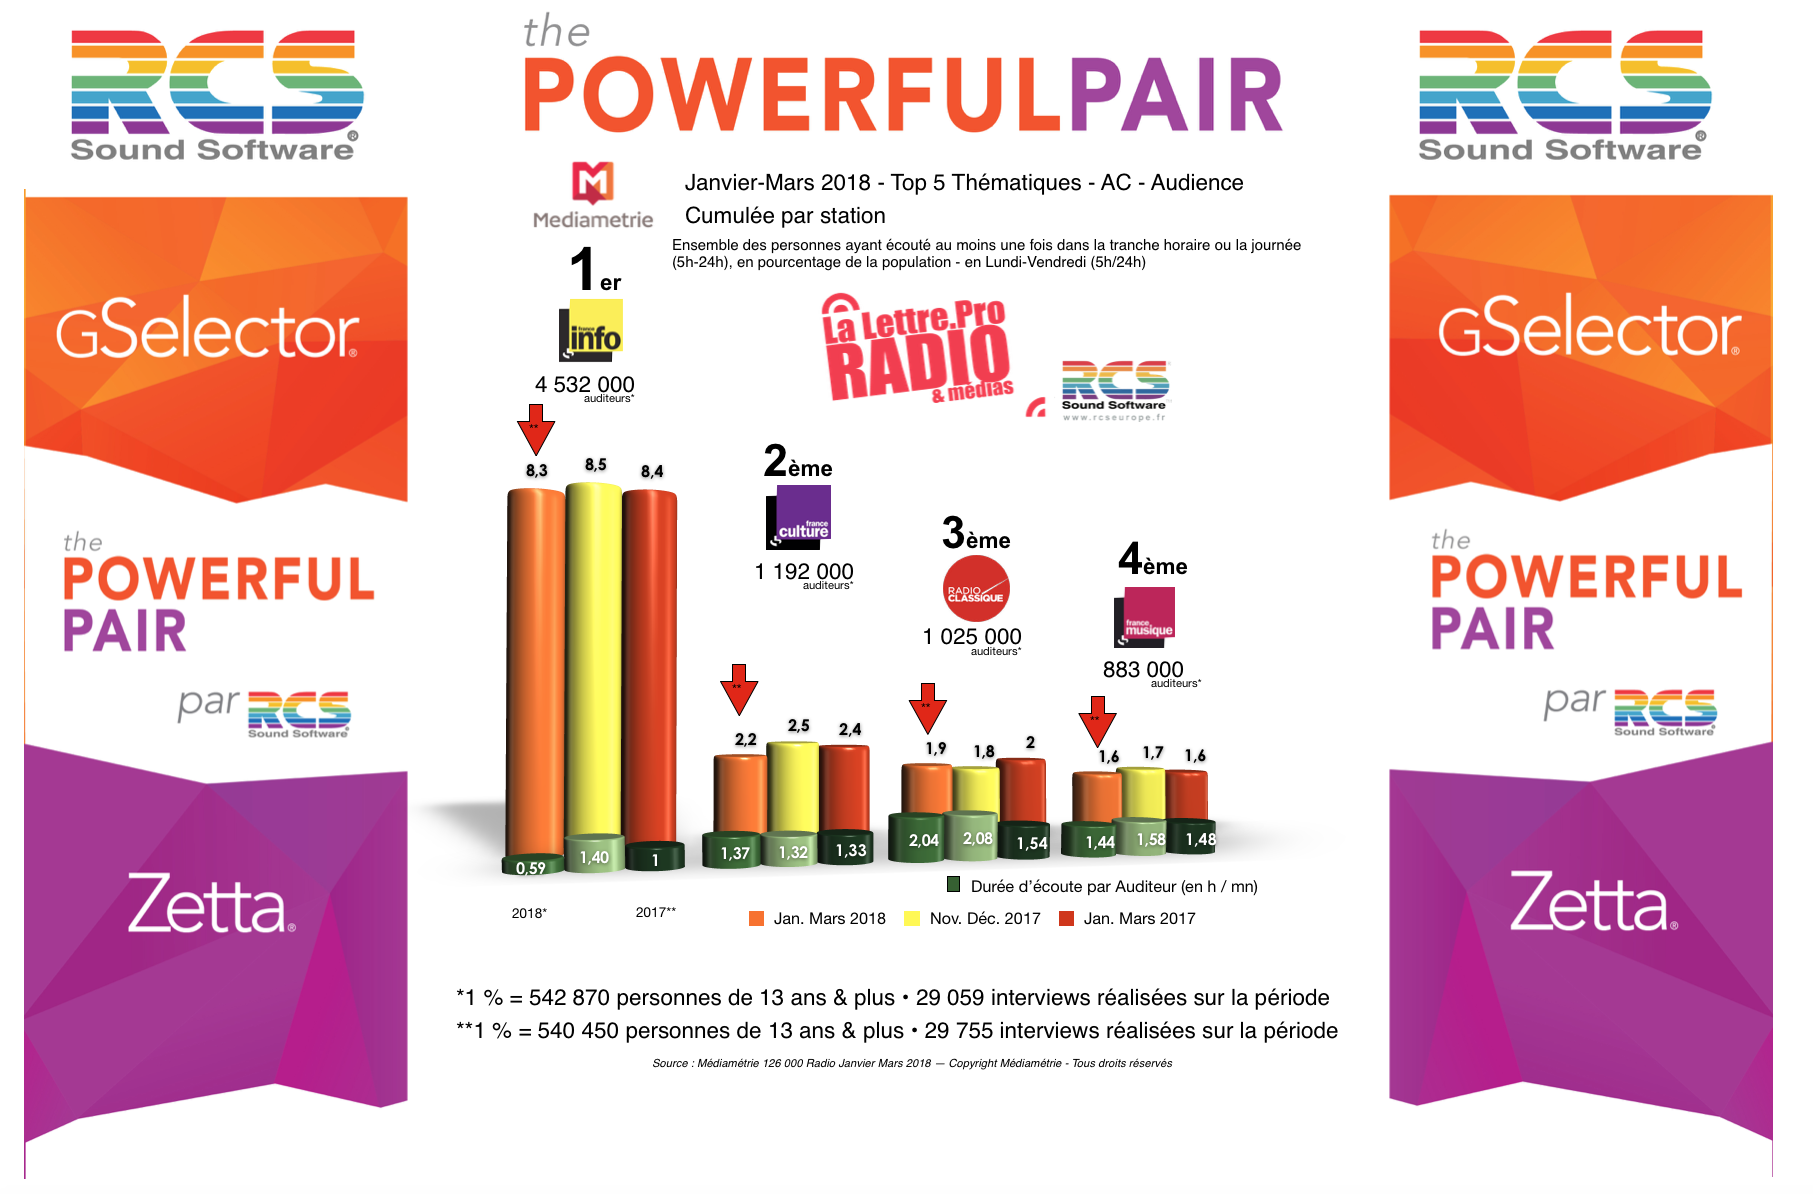 Diagramme exclusif LLP/RCS GSelector 4 - TOP 5 radios Thématiques en Lundi-Vendredi - 126 000 Radio Janvier-Mars 2018